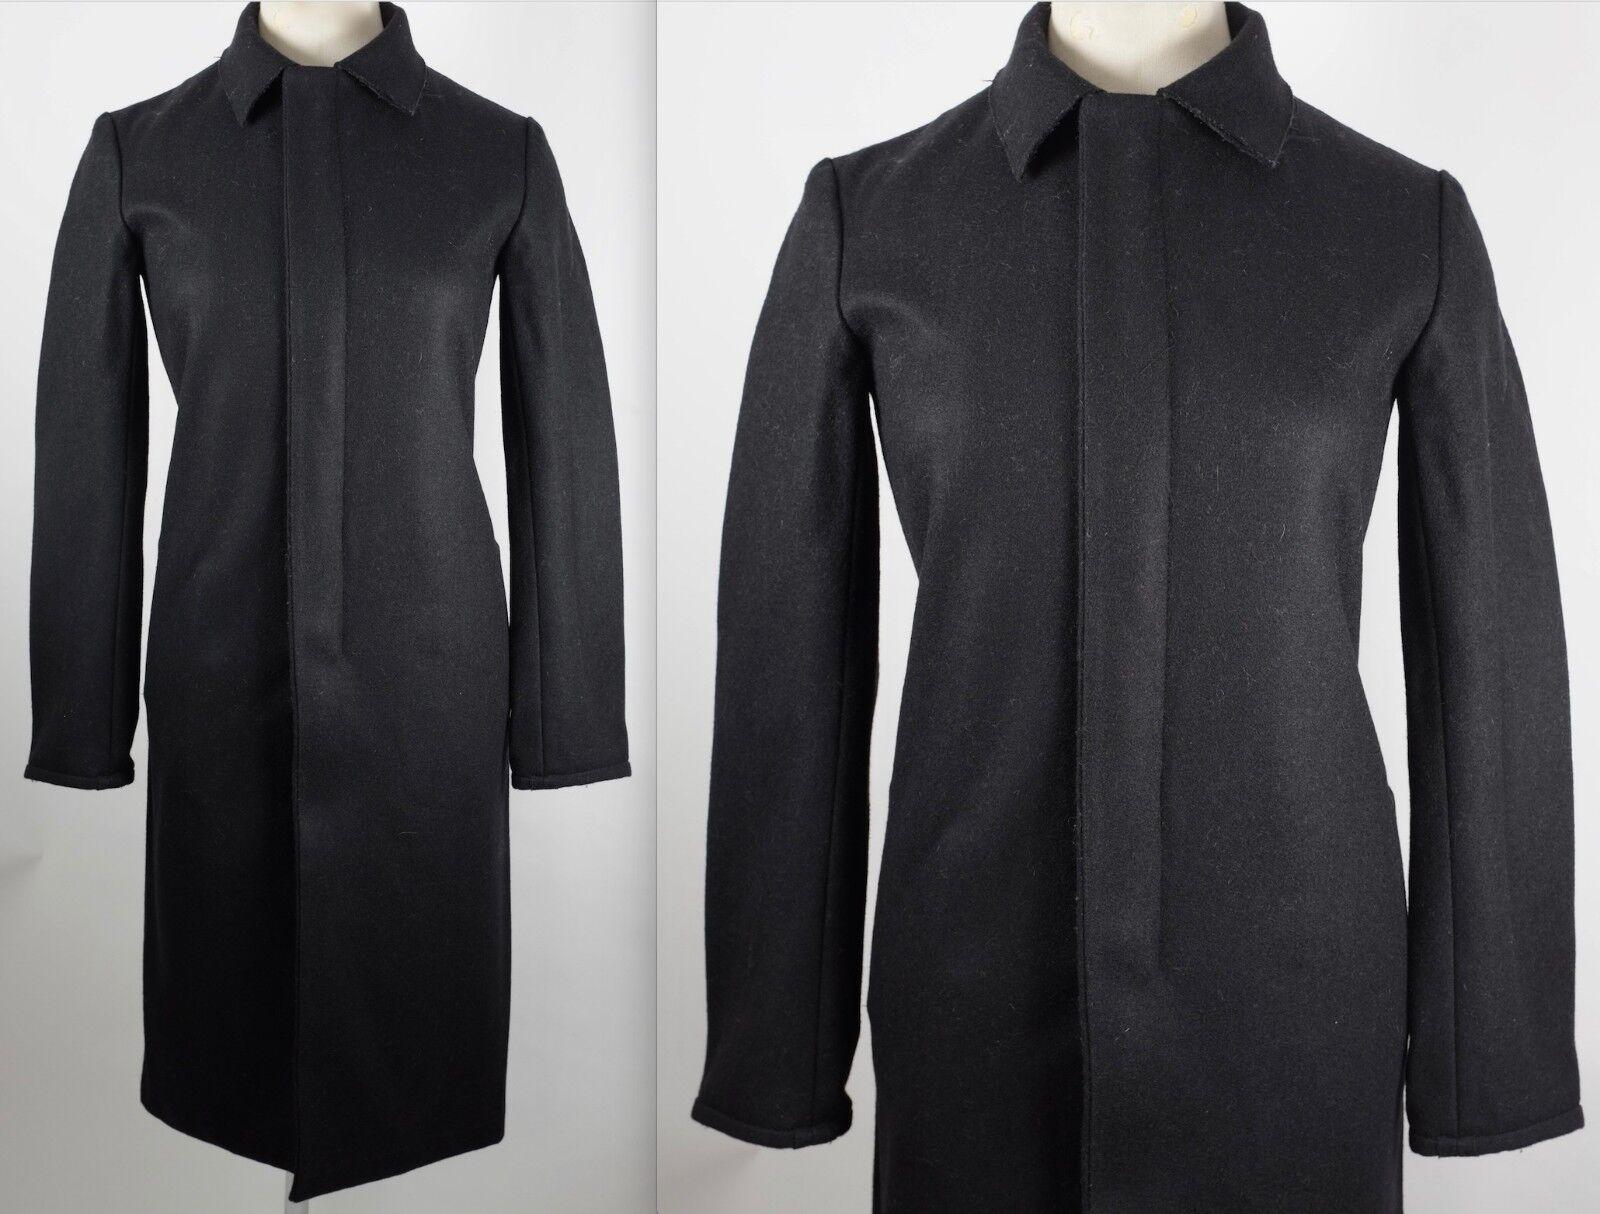 Nuevas Talla 38 US 4  ANN DEMEULEMEESTER Negro Abrigo Largo de cuello de embudo  los últimos modelos